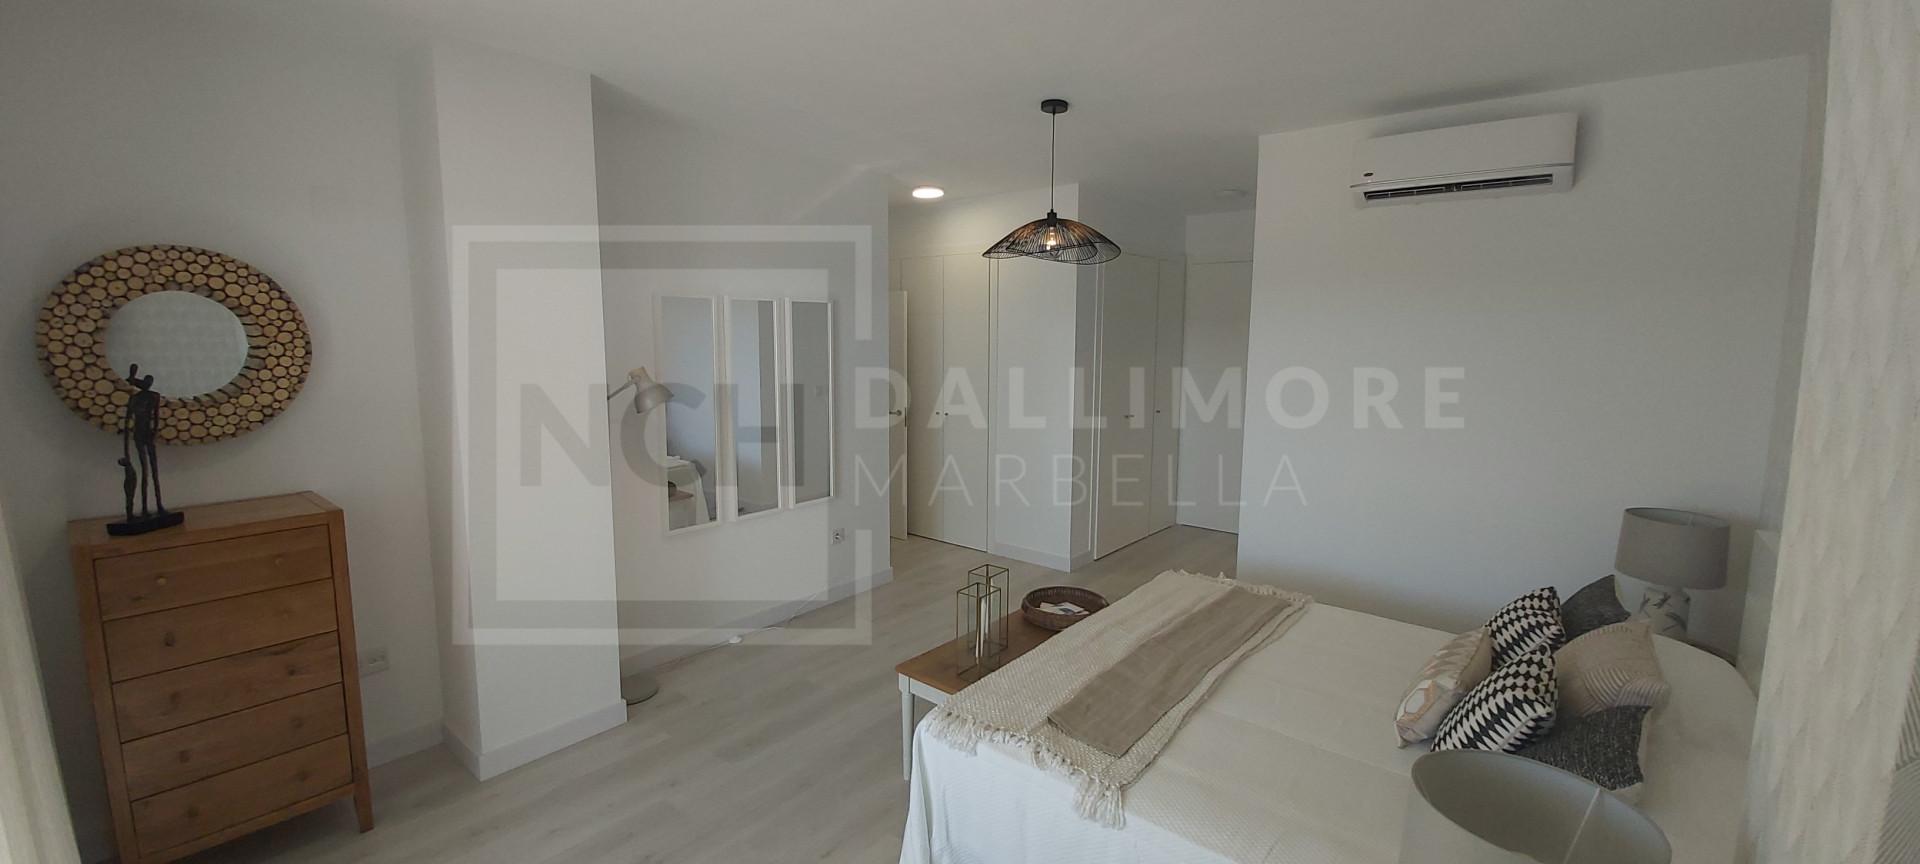 Apartment Las Lagunas, Mijas Costa – NEWA6075